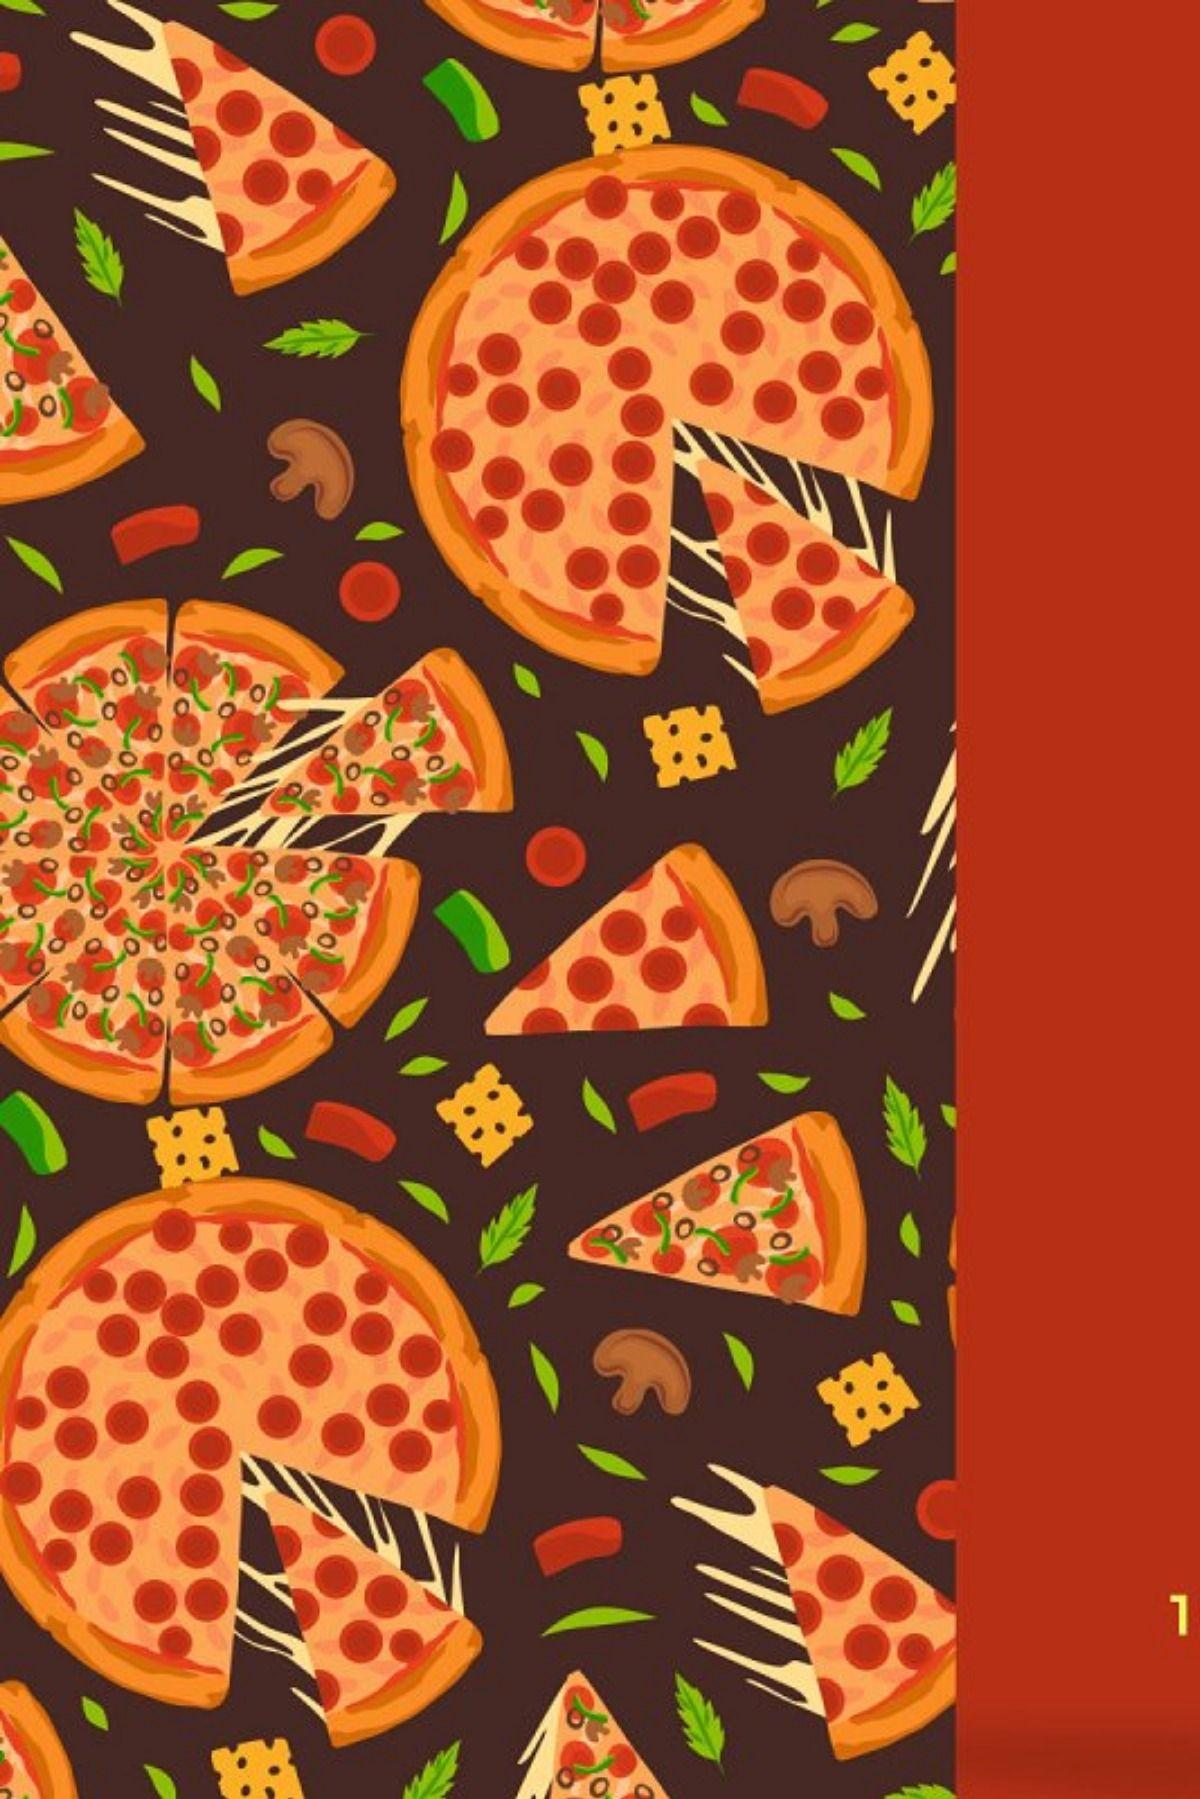 17++ Pizza frienzy ideas in 2021